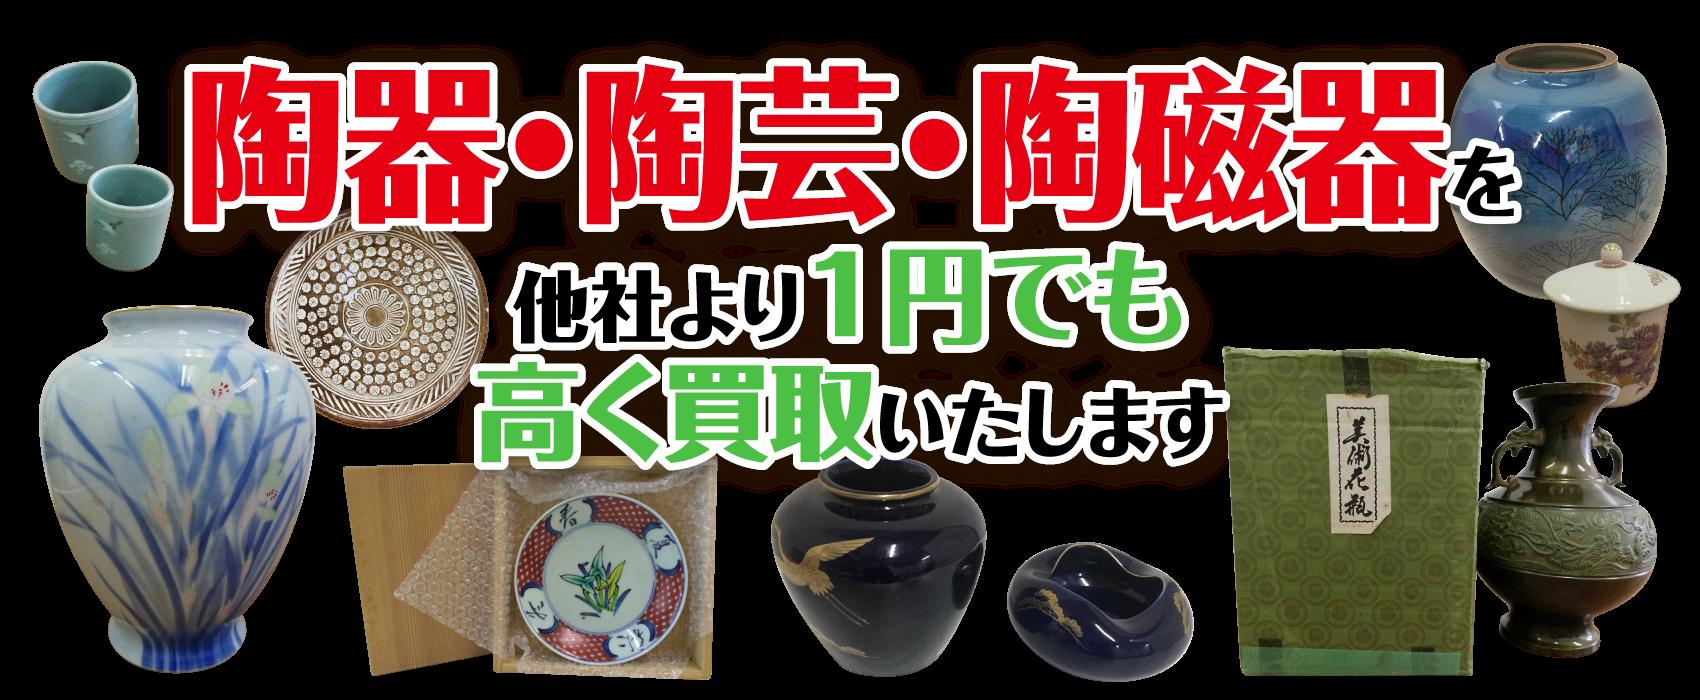 陶器・陶芸・陶磁器を高価買取